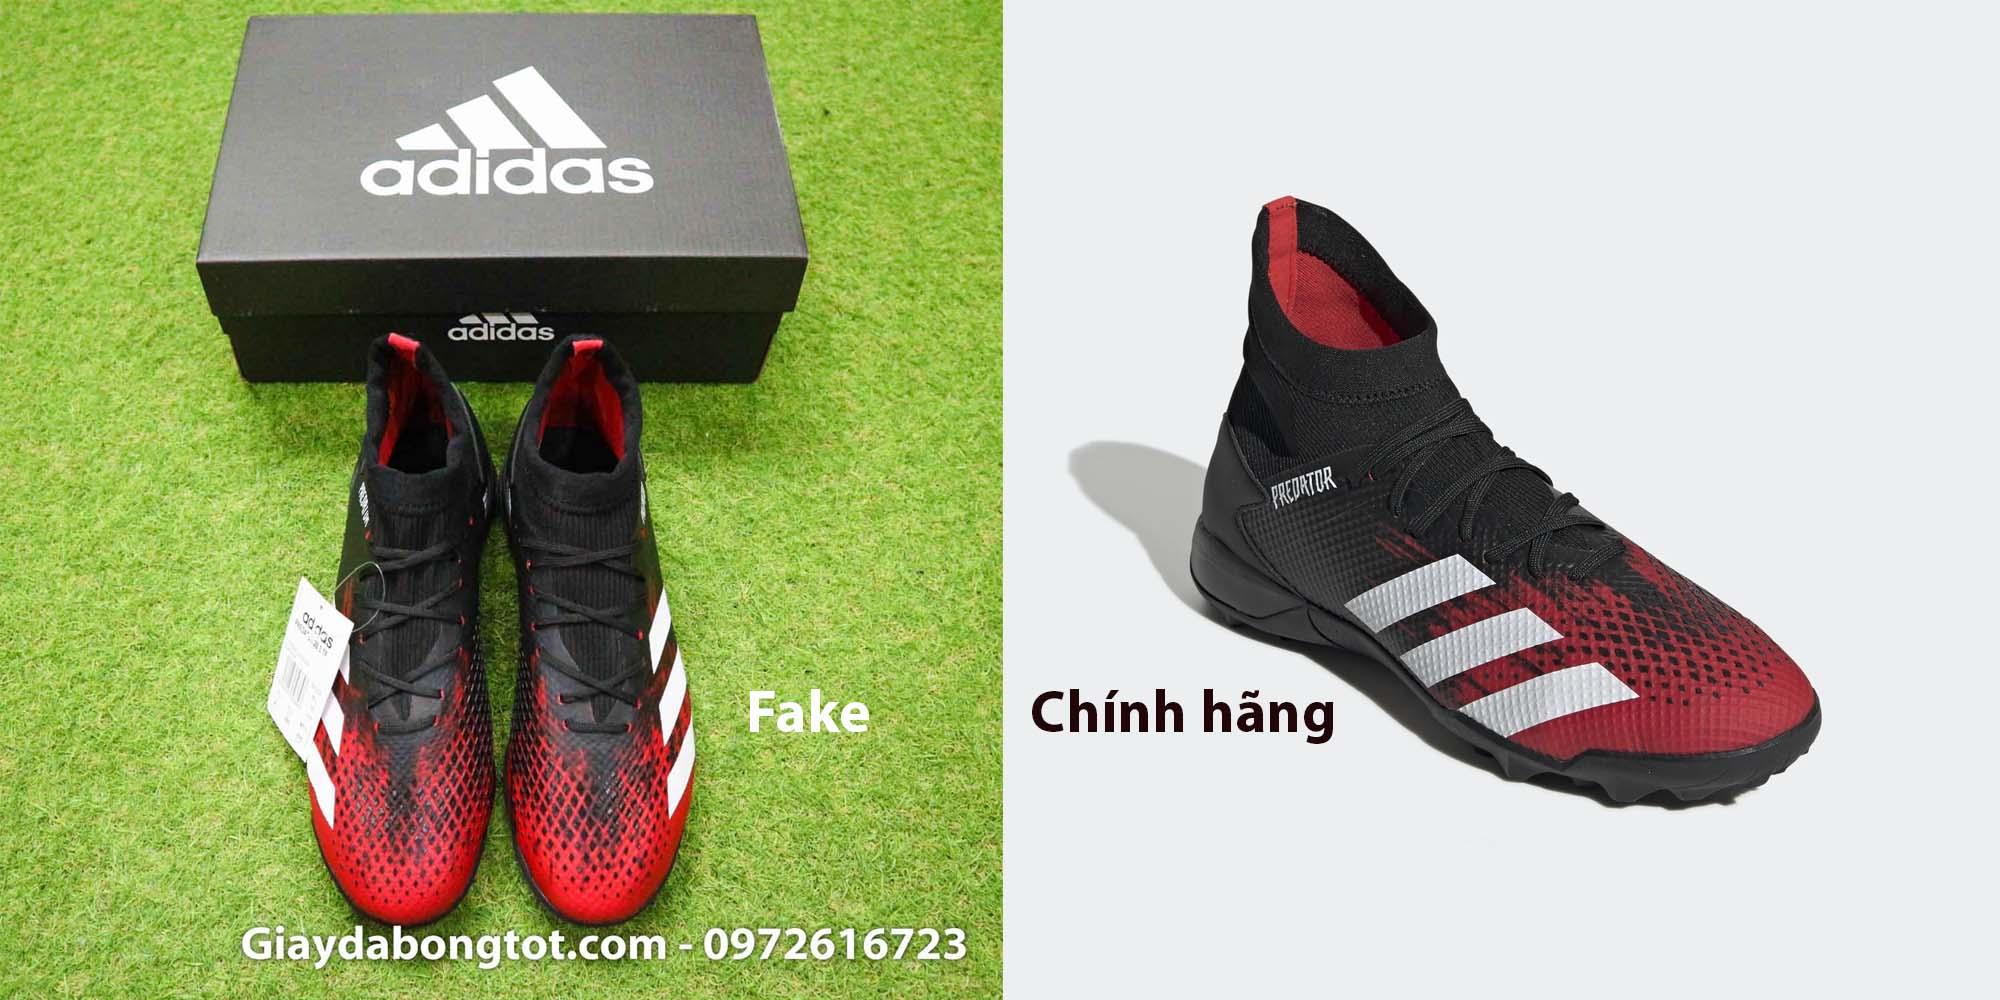 Giày đá bóng Adidas Predator 20.3 TF Fake được làm rất giống giày chính hãng